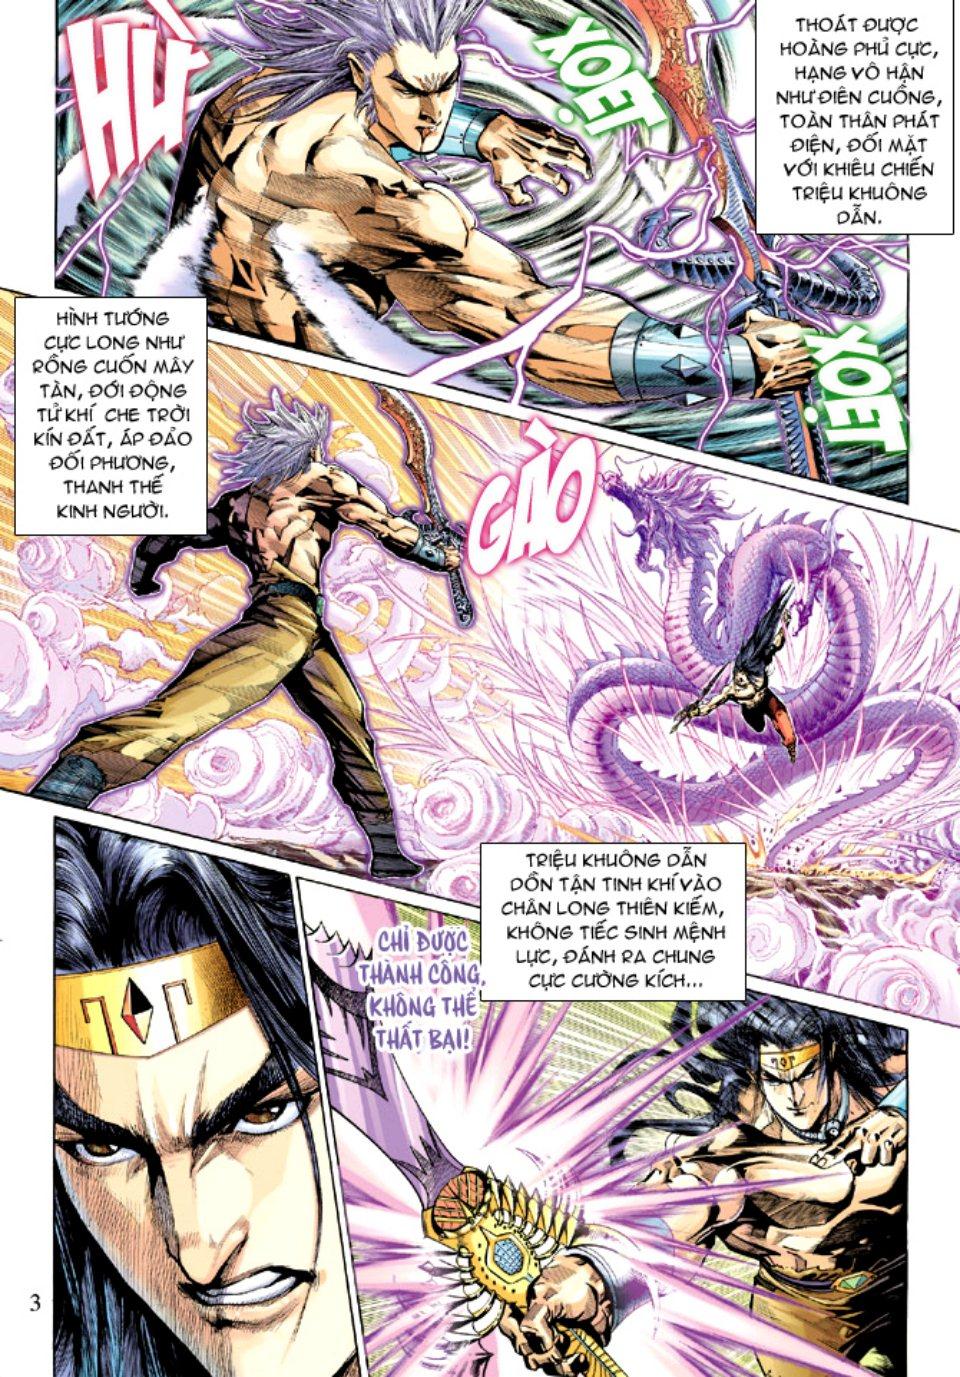 Thiên Tử Truyền Kỳ 5 - Như Lai Thần Chưởng chap 214 - Trang 4